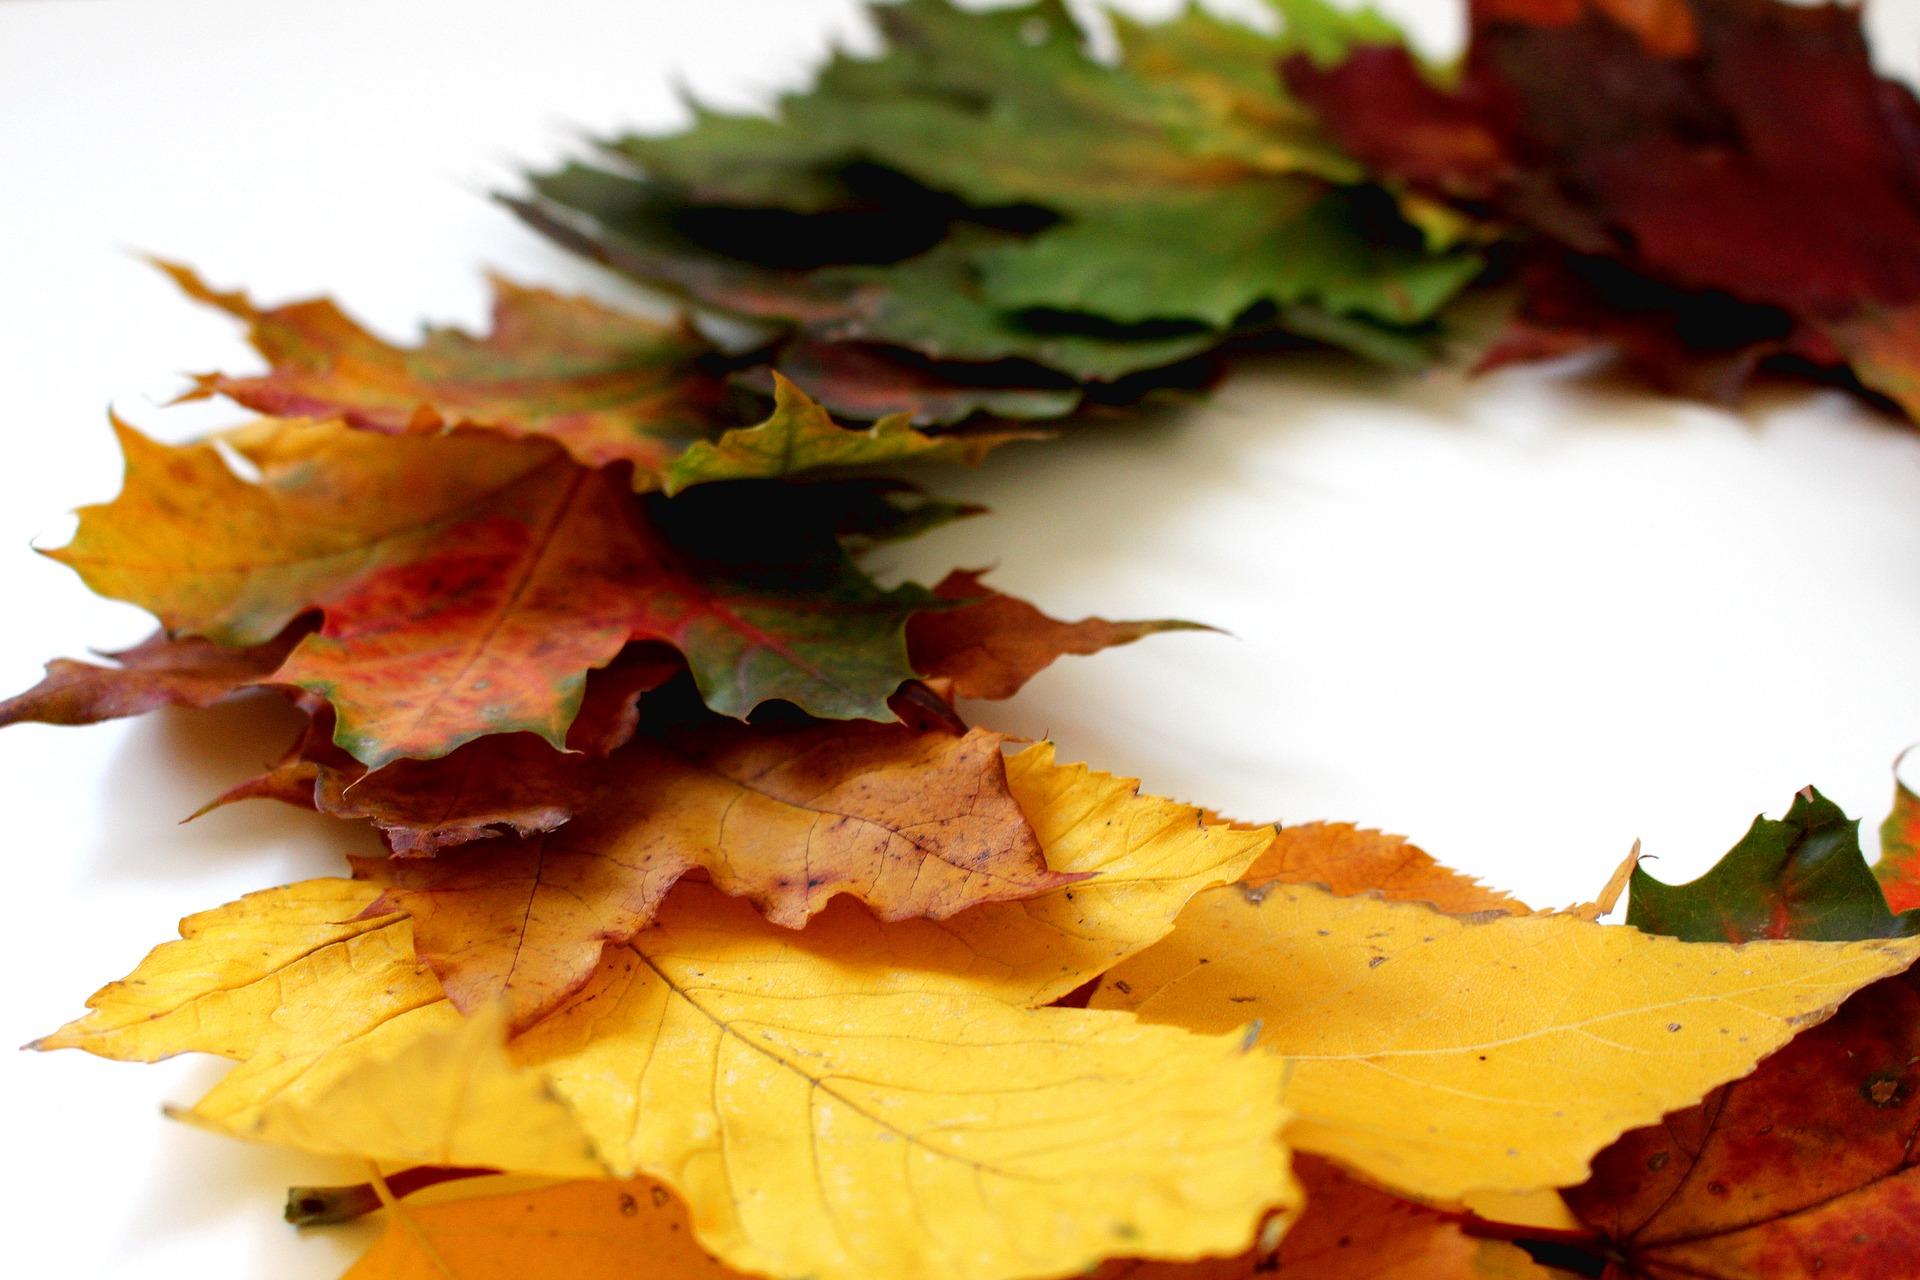 20425-leaves-2854371-1920.jpg